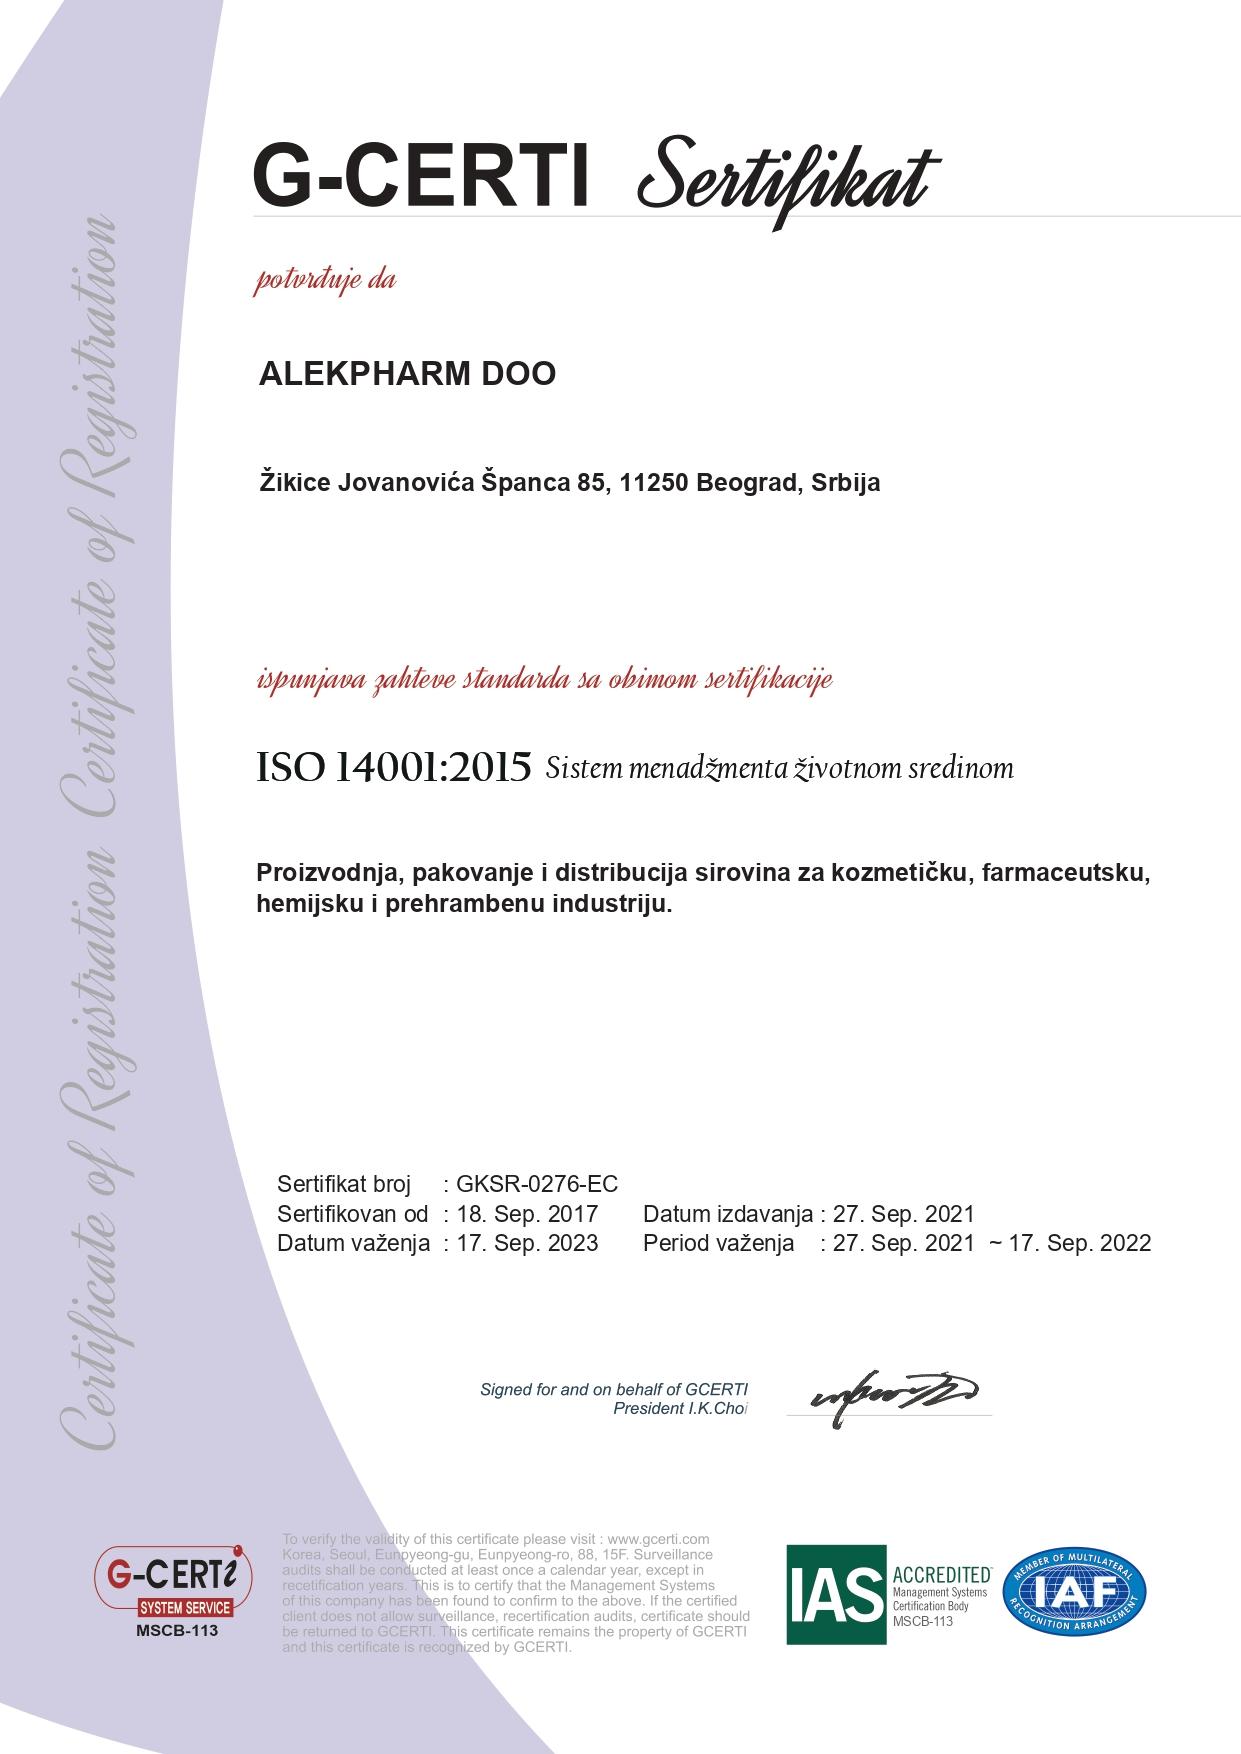 ISO14001-2015.jpg?v=1.2